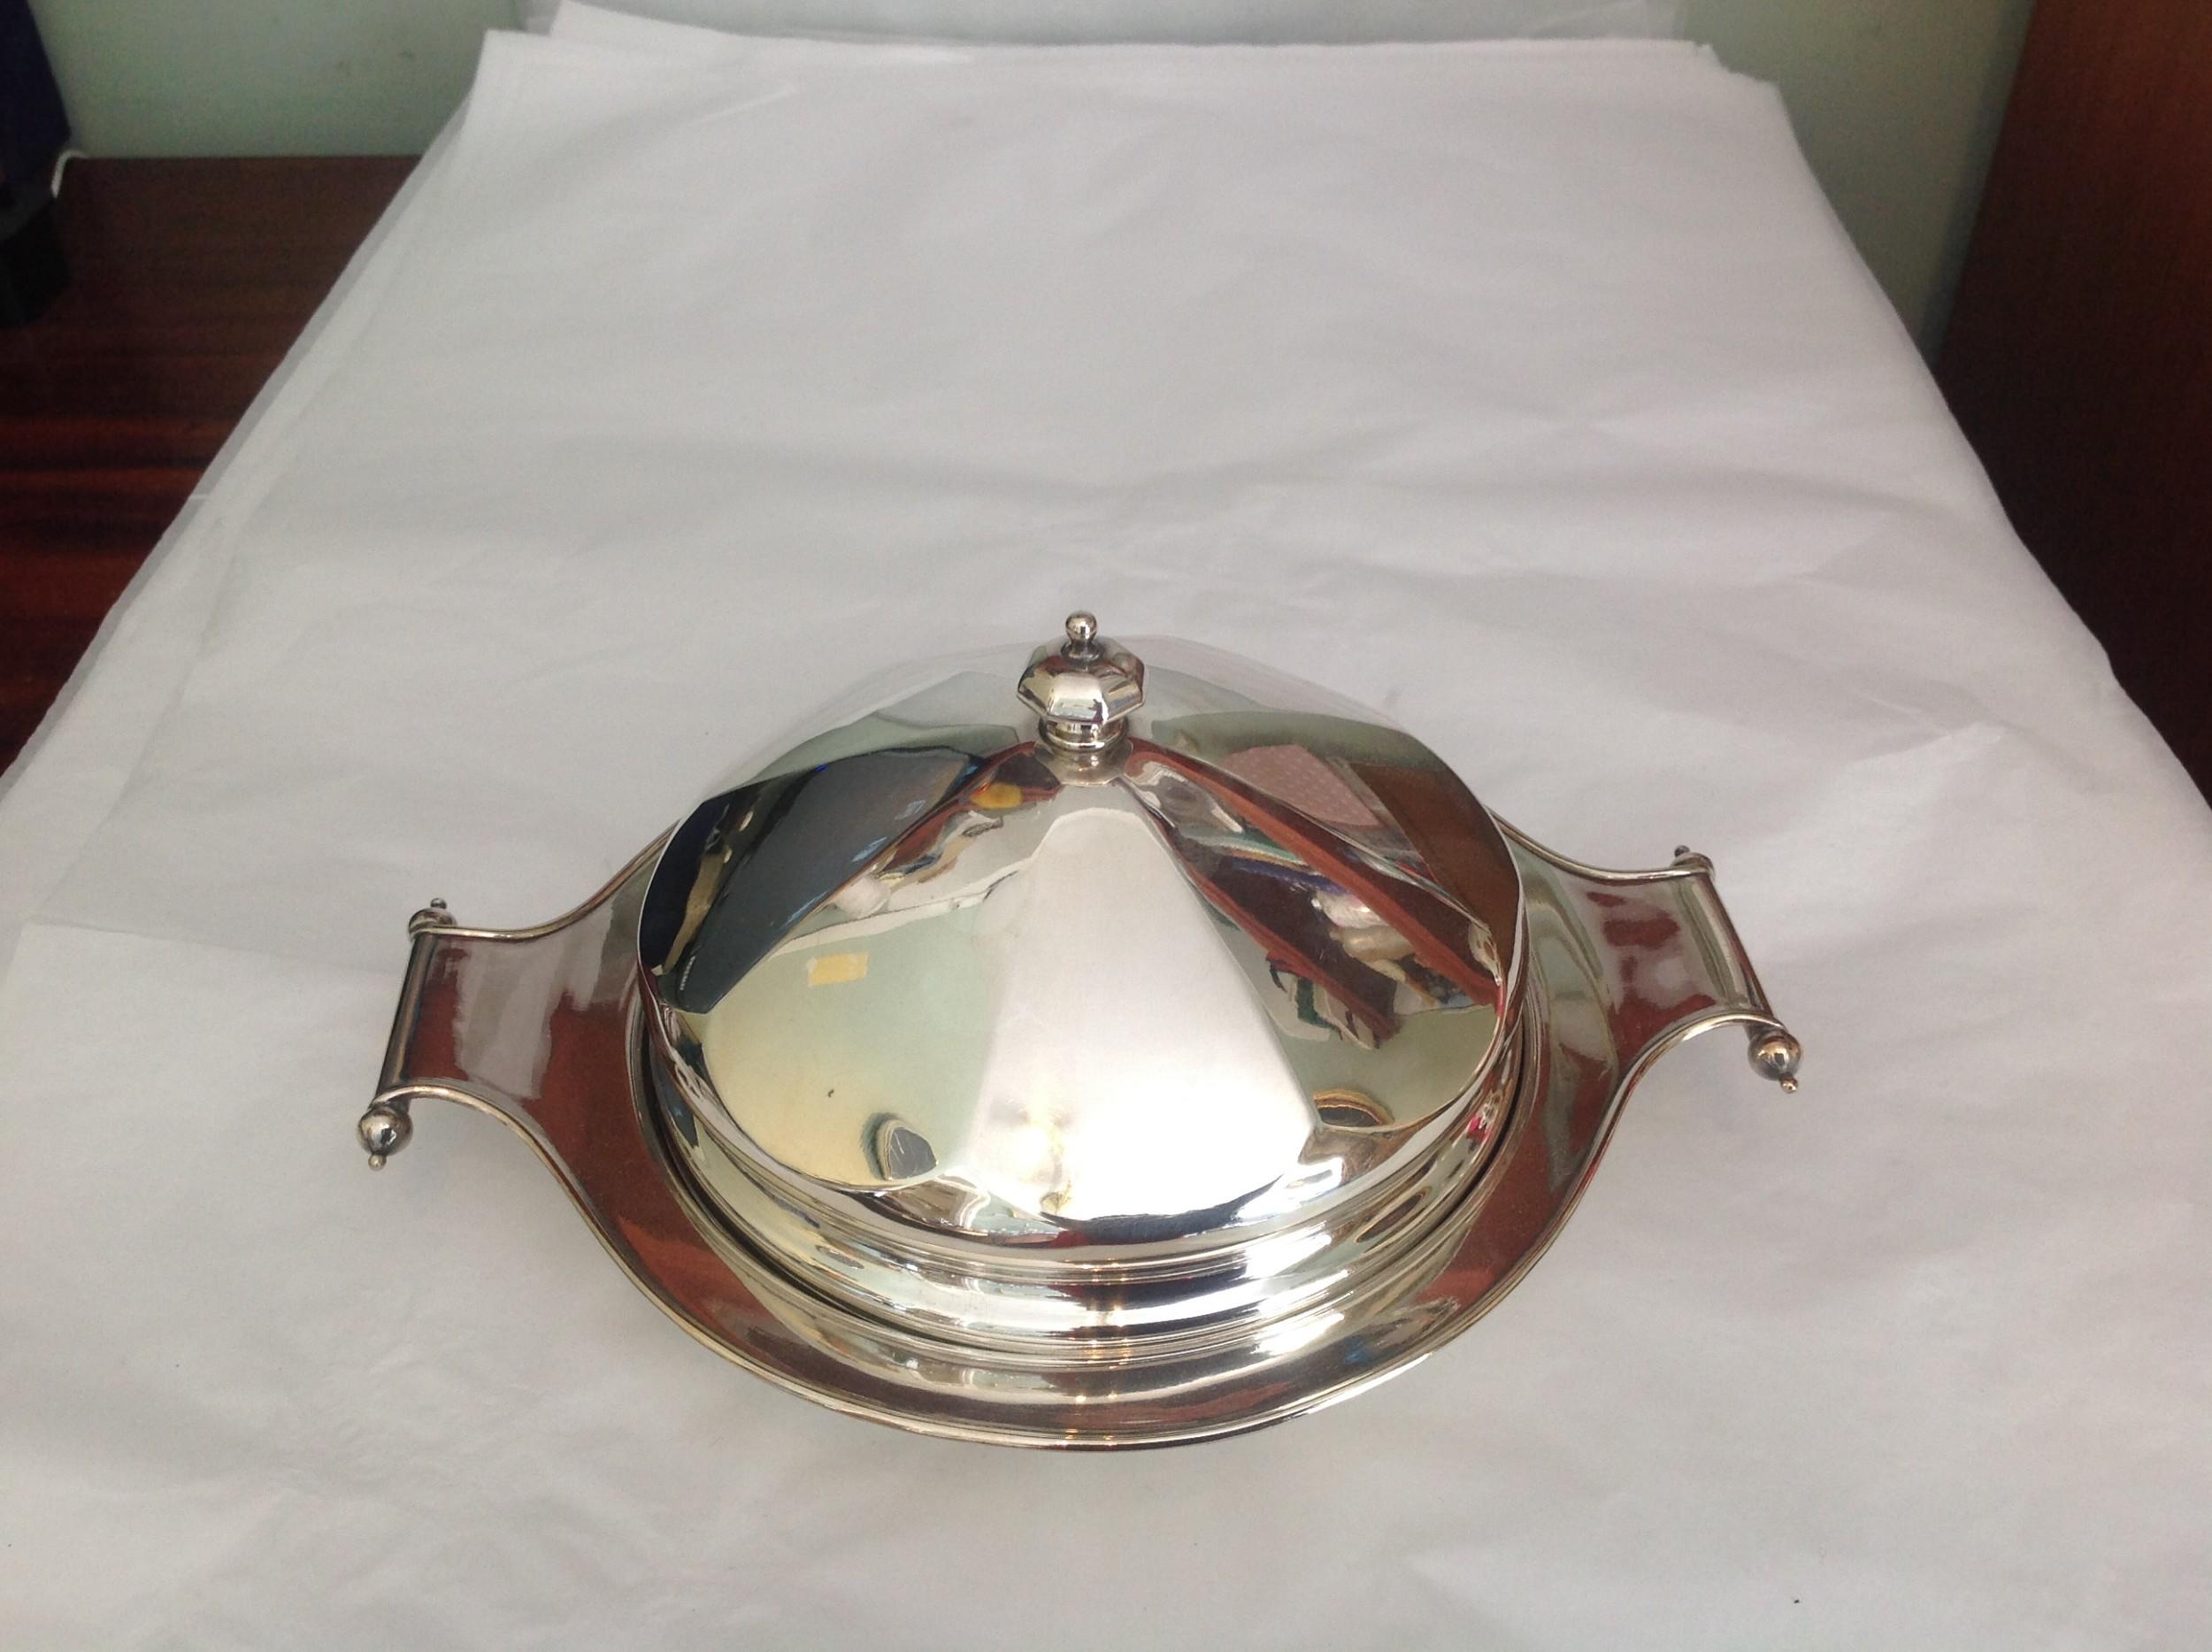 silver plated muffin warmer dish